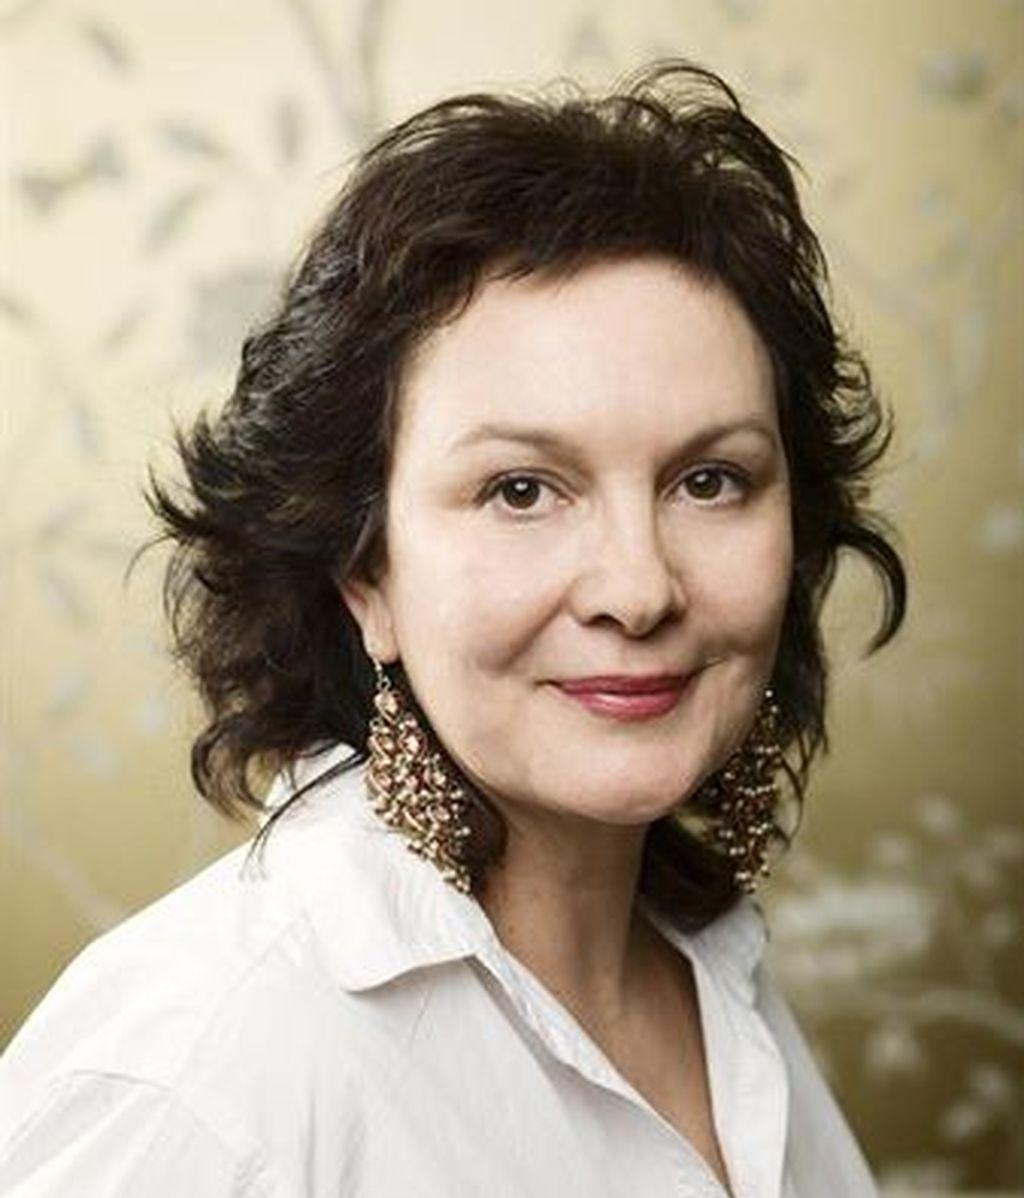 Clara Sánchez gana el Premio Planeta 2013 con 'El cielo ha vuelto'